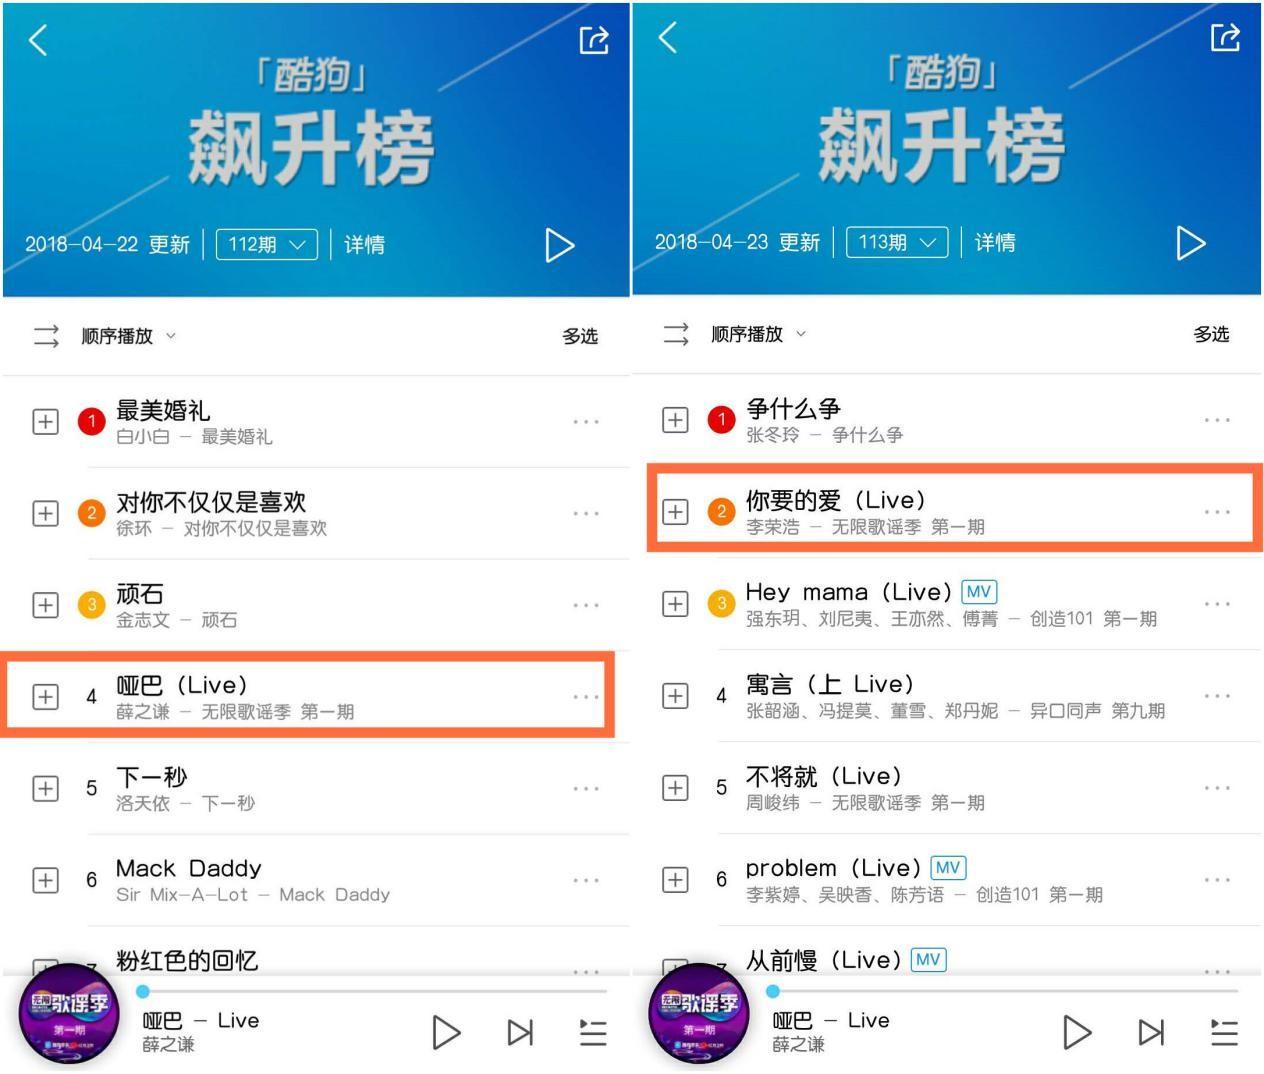 《无限歌谣季》薛之谦、李荣浩歌曲播发量对比.jpg